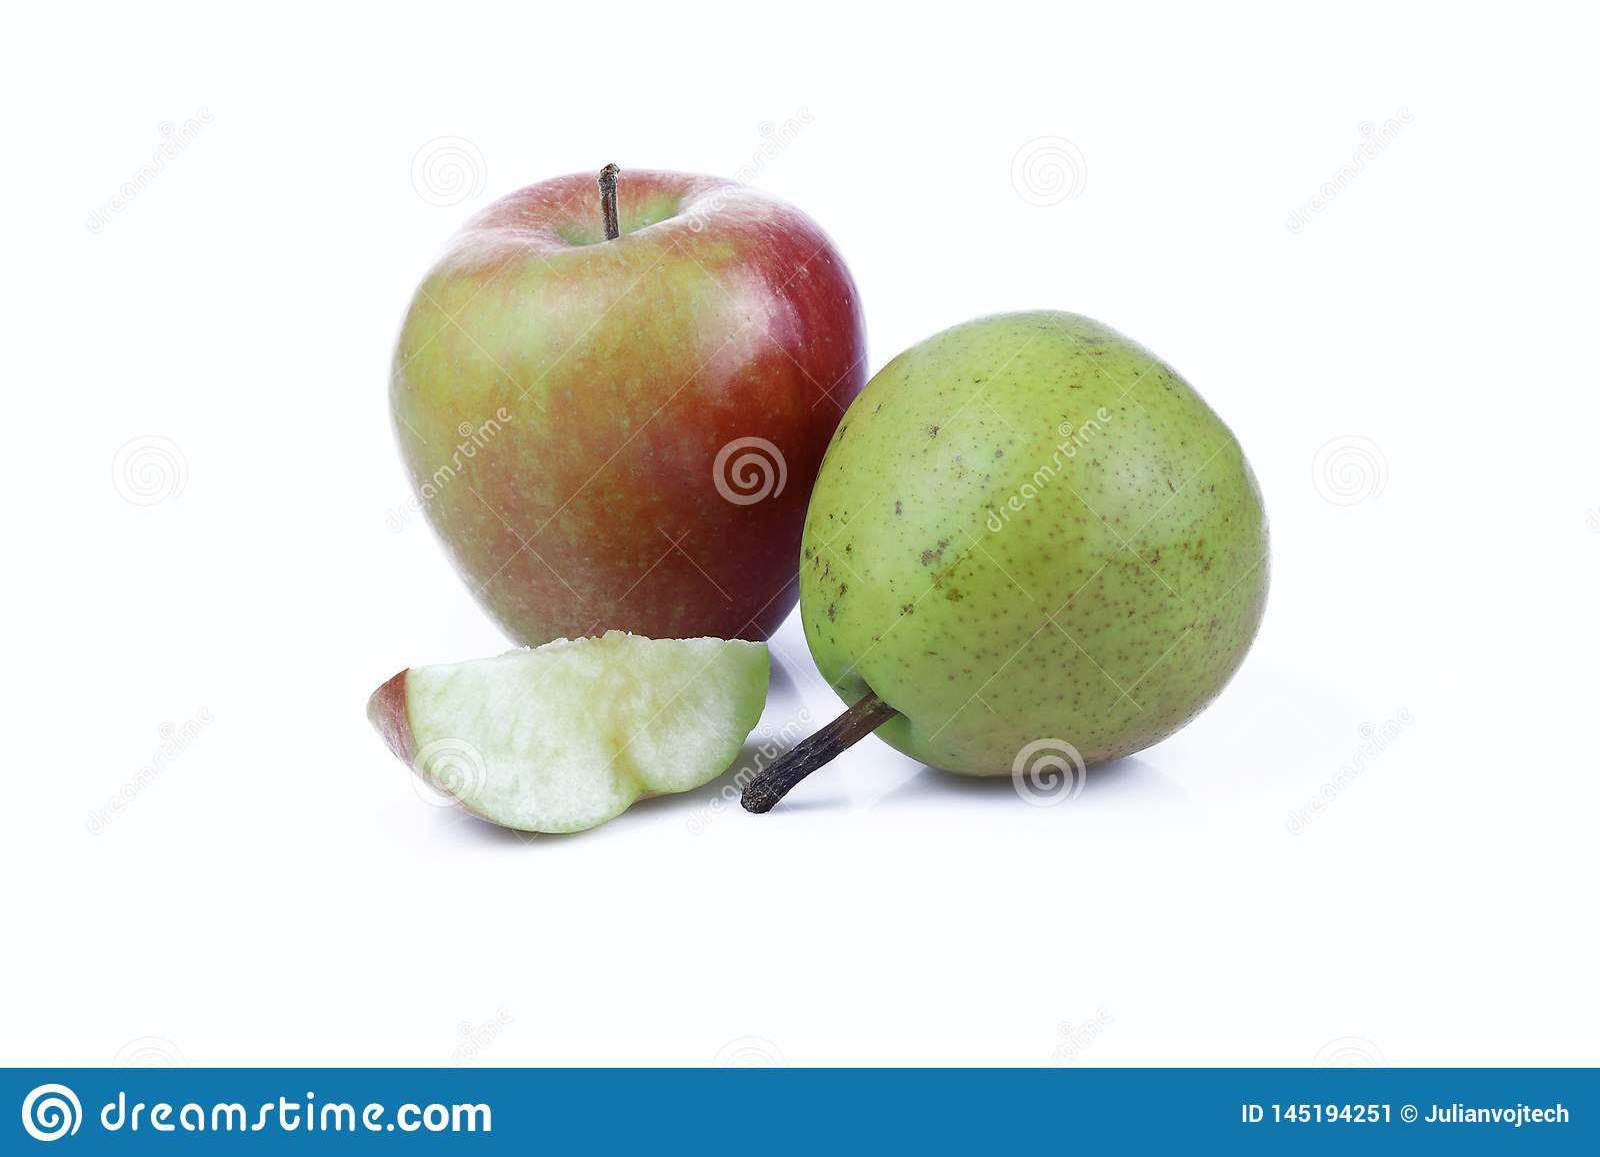 Яблоко и груша изолированные на белой предпосылке